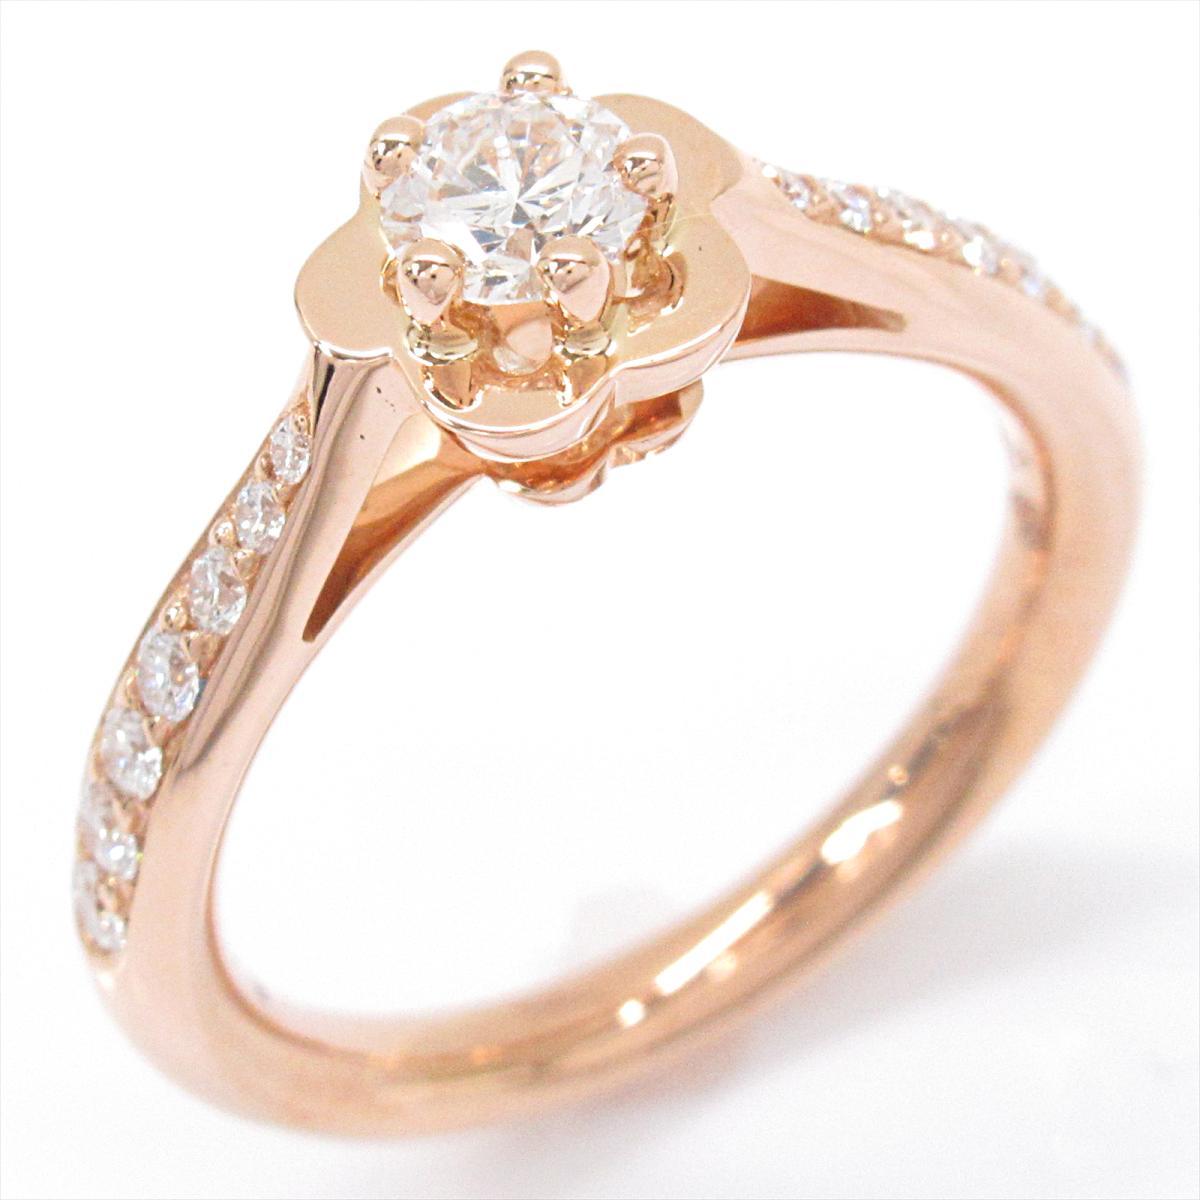 【中古】 シャネル カメリアコレクション エンゲージメント リング 指輪 レディース K18PG (750) ピンクゴールド x ダイヤモンド (J10834) | CHANEL BRANDOFF ブランドオフ ブランド ジュエリー アクセサリー